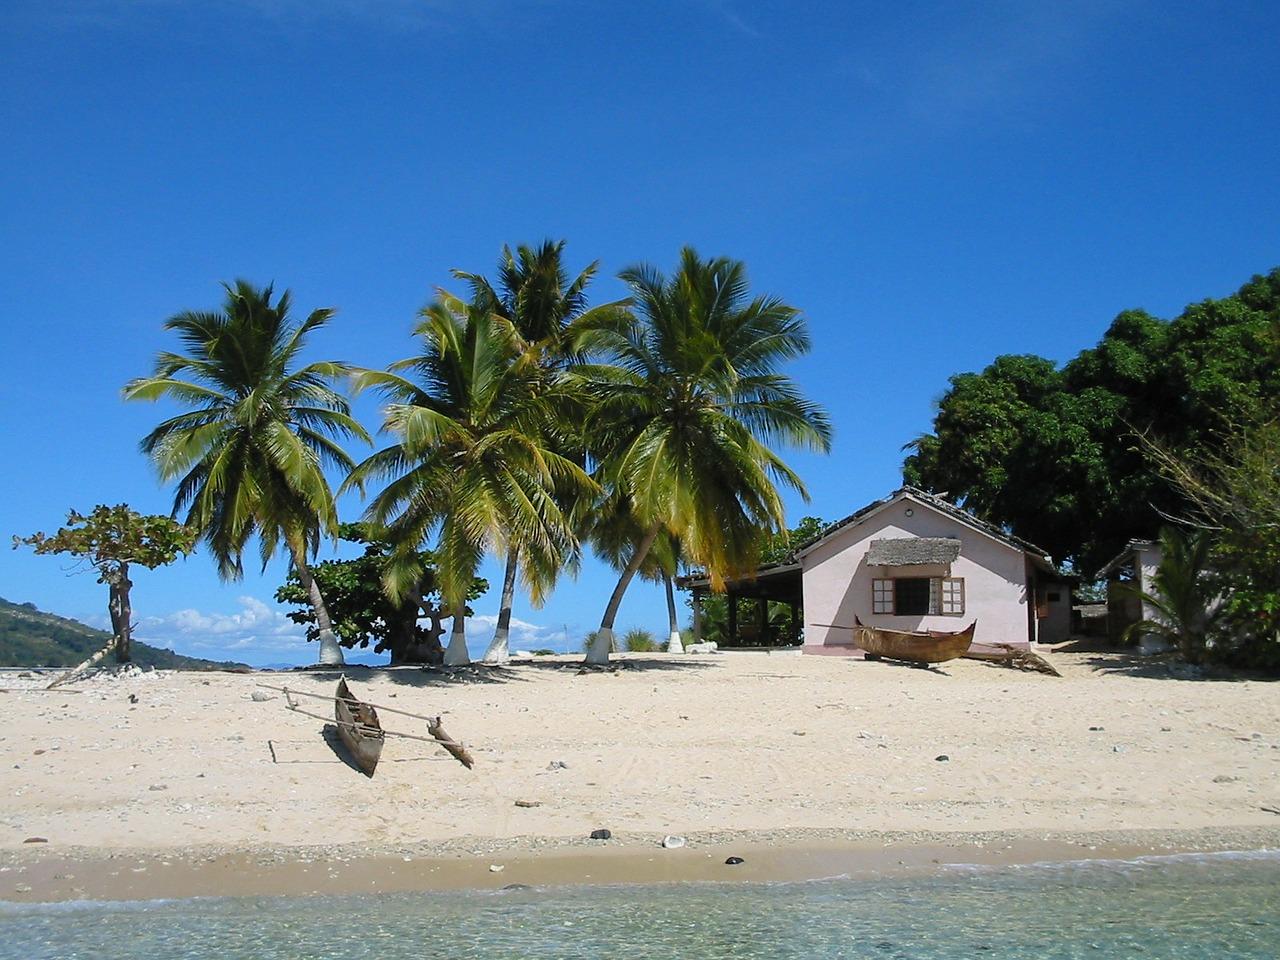 Les 5 plus beaux points de vue dans les Antilles